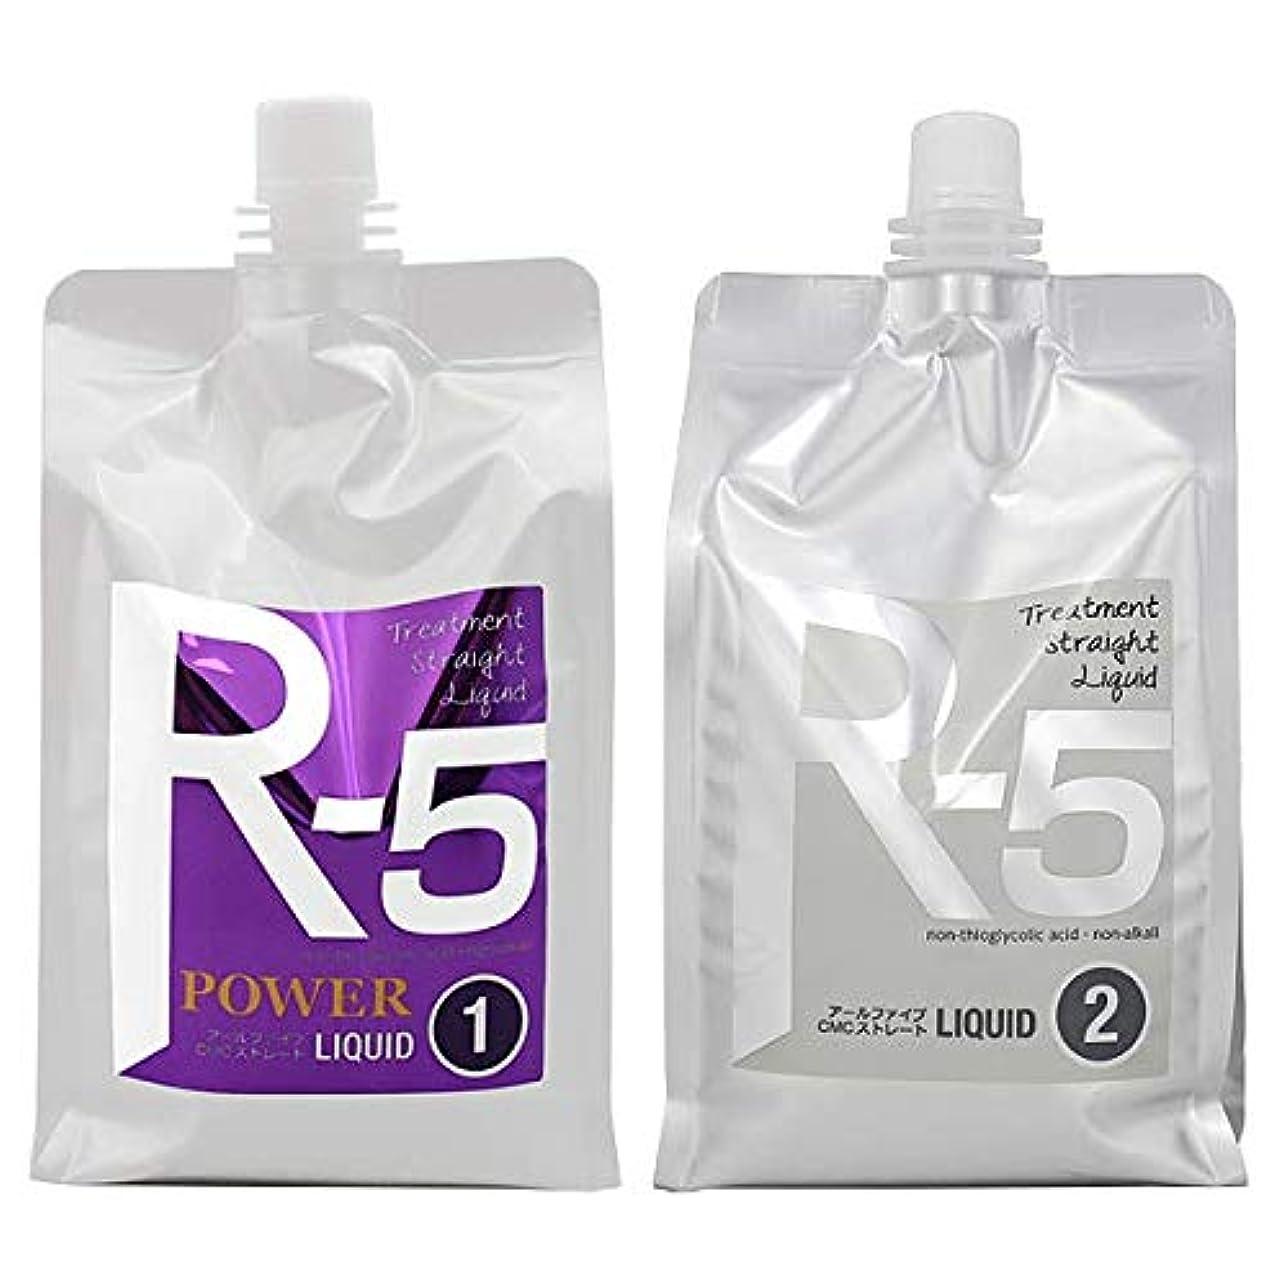 光沢メンター重要性CMCトリートメントストレート R-5 パープル(パワー) ストレート剤